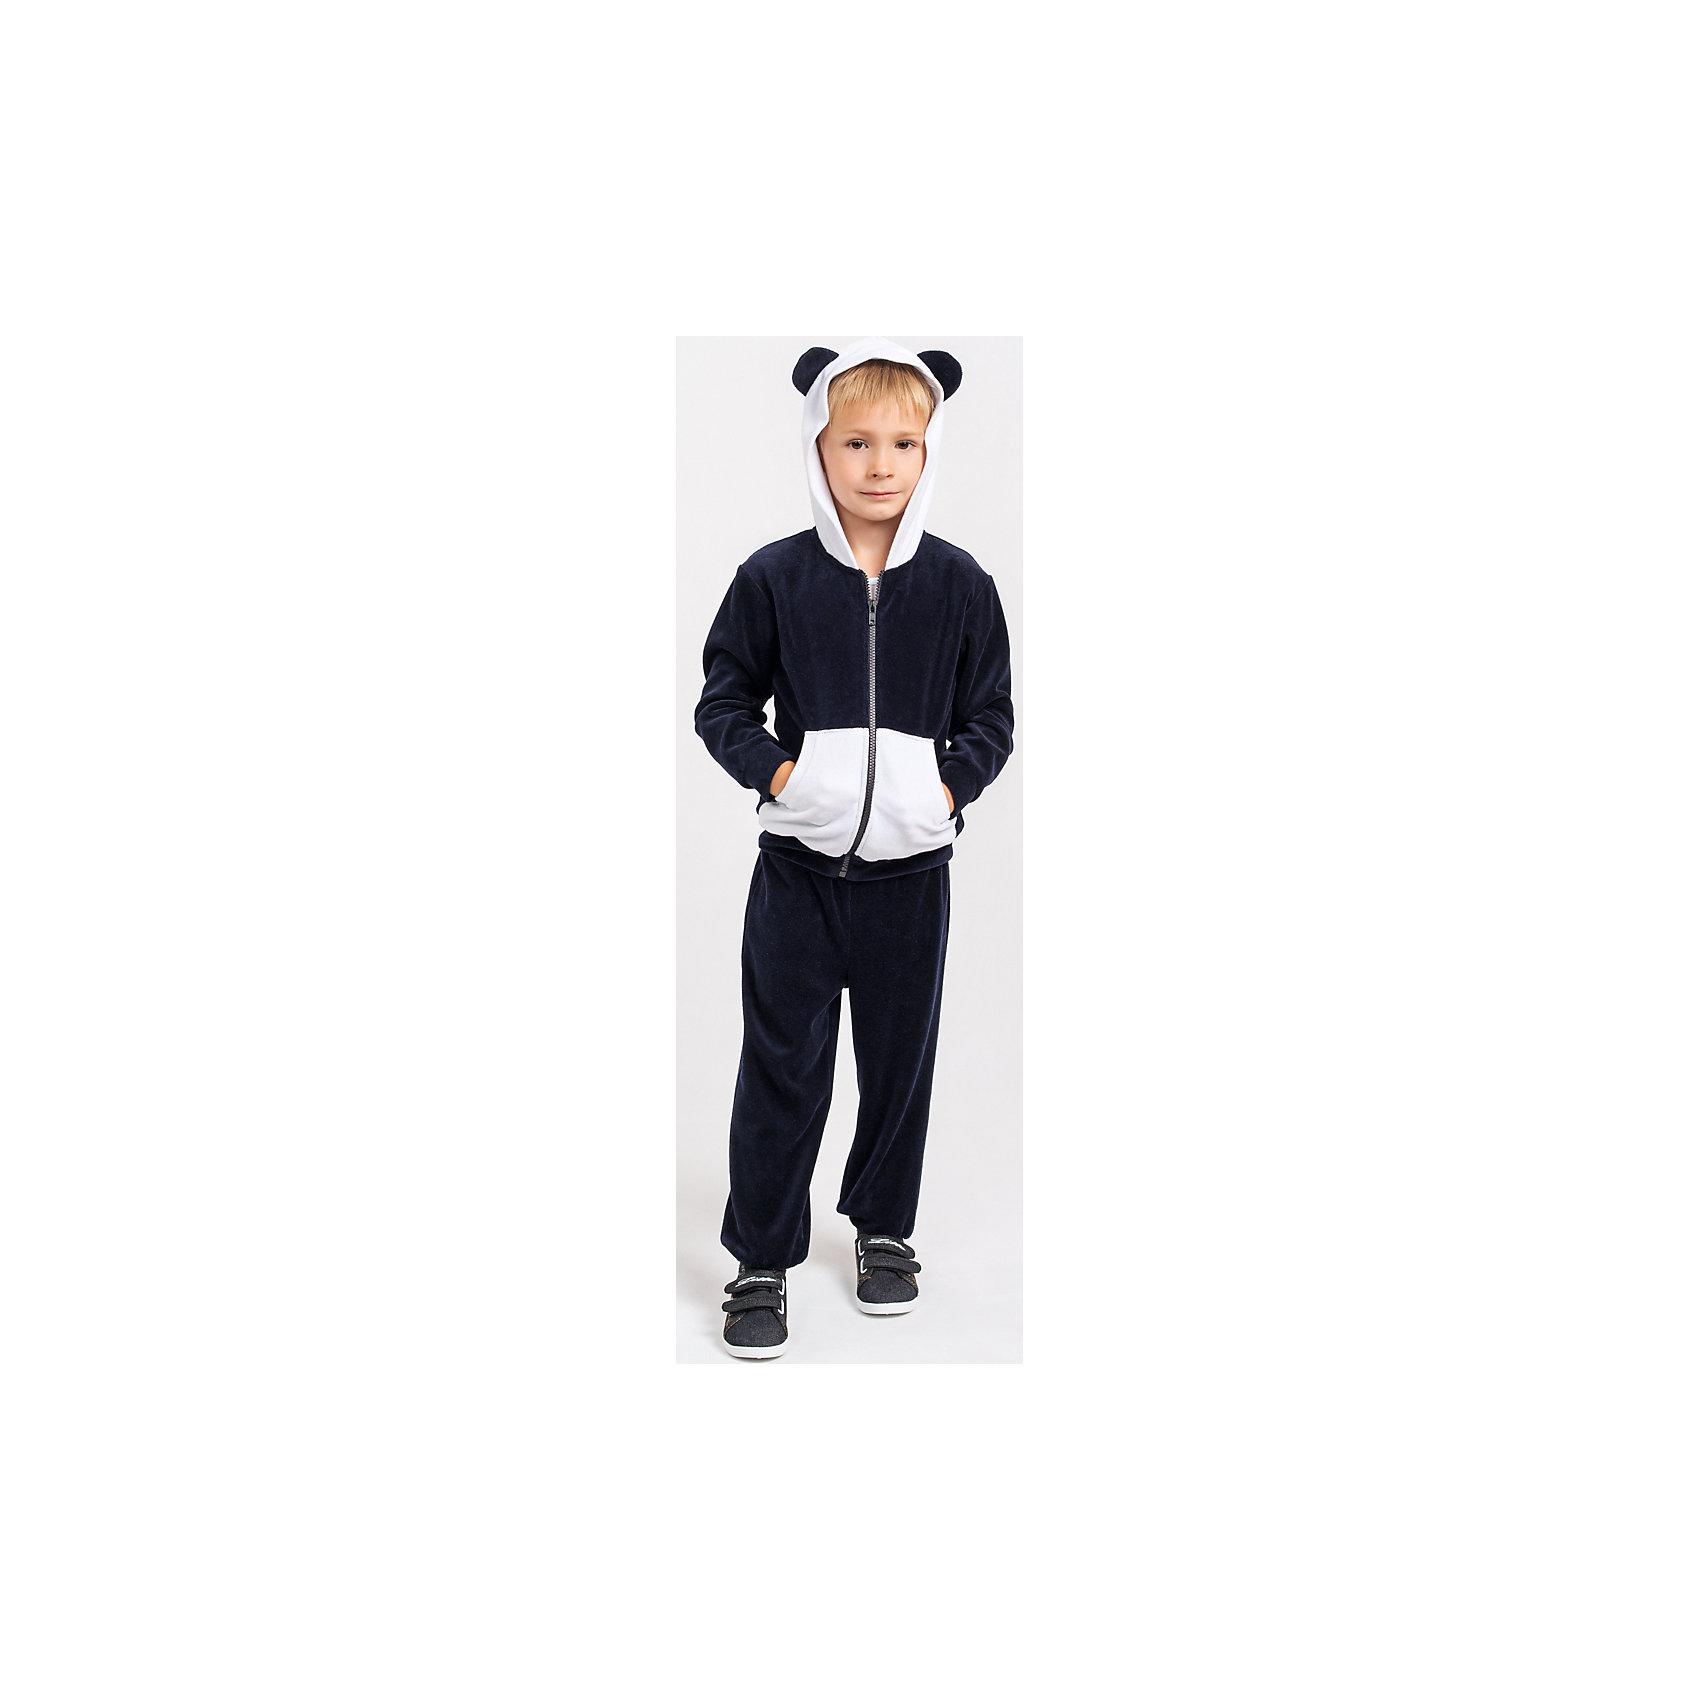 Спортивный костюм для мальчика Goldy GoldyКомплекты<br>Спортивный костюм для мальчика от белорусской марки Goldy. <br>Костюм состоит из толстовки и брюк с манжетами.<br>Состав:<br>велюр (80% хлопок, 20% пэ)<br><br>Ширина мм: 247<br>Глубина мм: 16<br>Высота мм: 140<br>Вес г: 225<br>Цвет: черно-белый<br>Возраст от месяцев: 12<br>Возраст до месяцев: 18<br>Пол: Мужской<br>Возраст: Детский<br>Размер: 86,98,104,110,92<br>SKU: 4921202